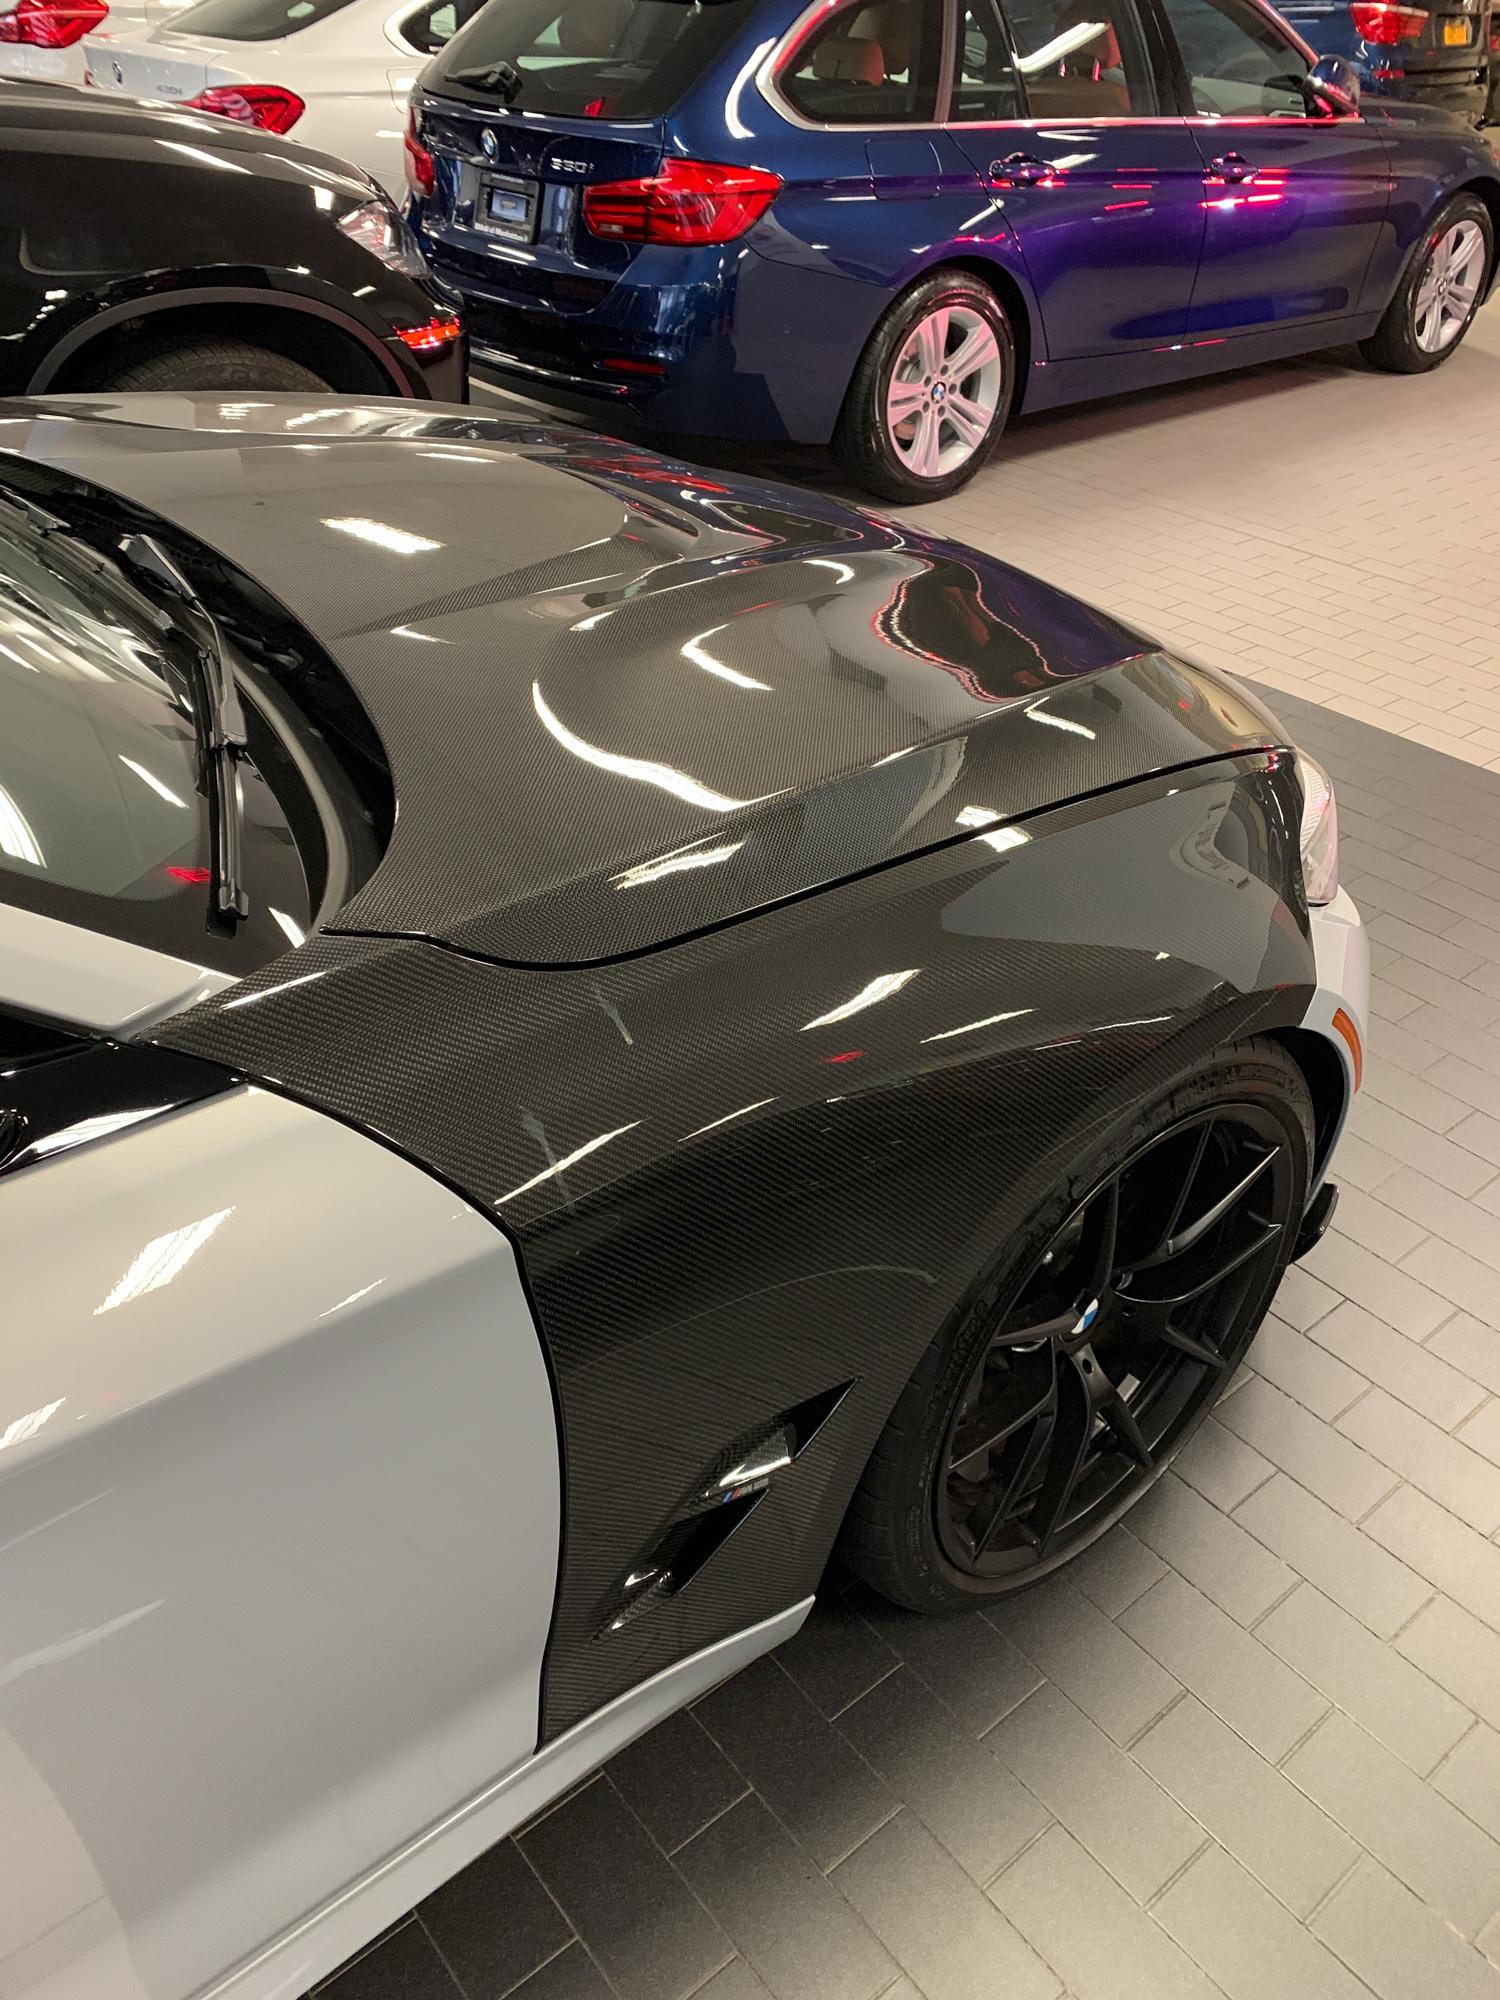 BMW M2 carbon fiber